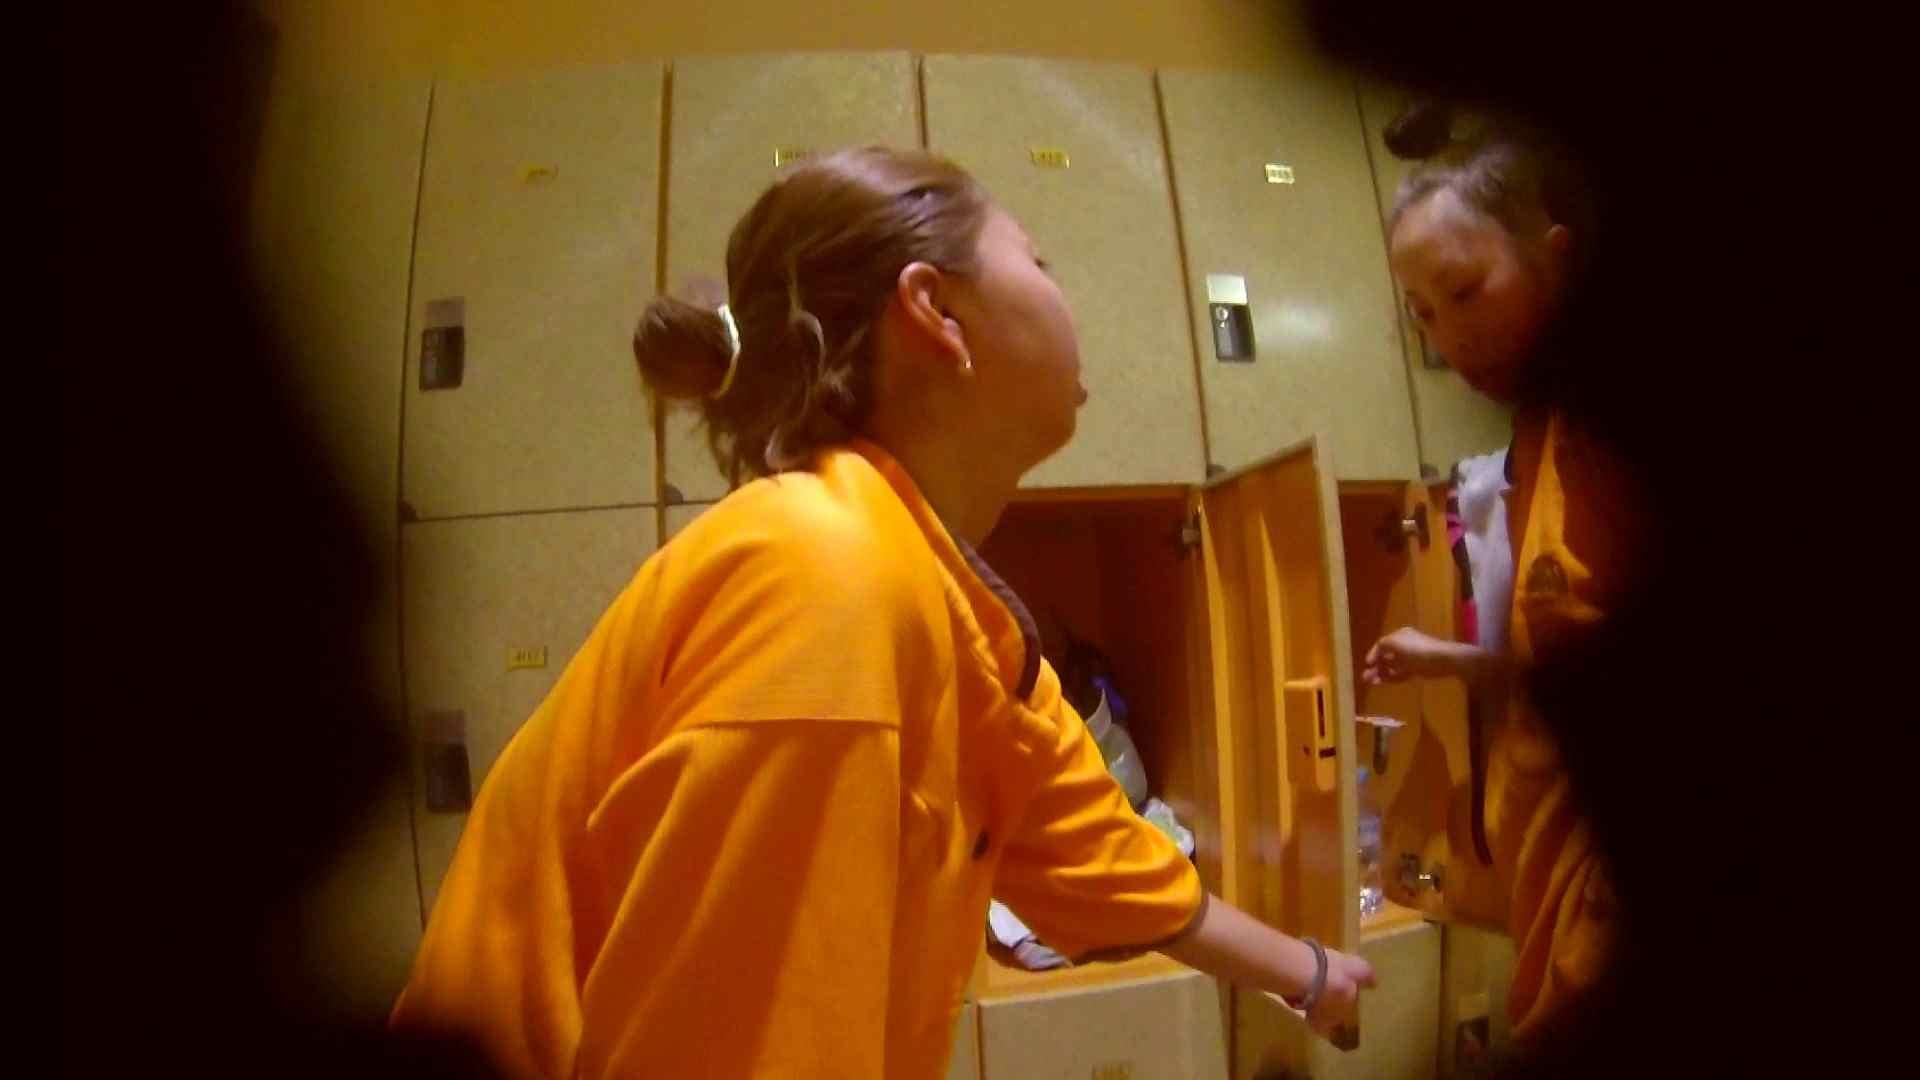 追い撮り!脱衣~洗い場、そして着替え、髪を乾かすまで完全追跡。 銭湯 隠し撮りセックス画像 87pic 2